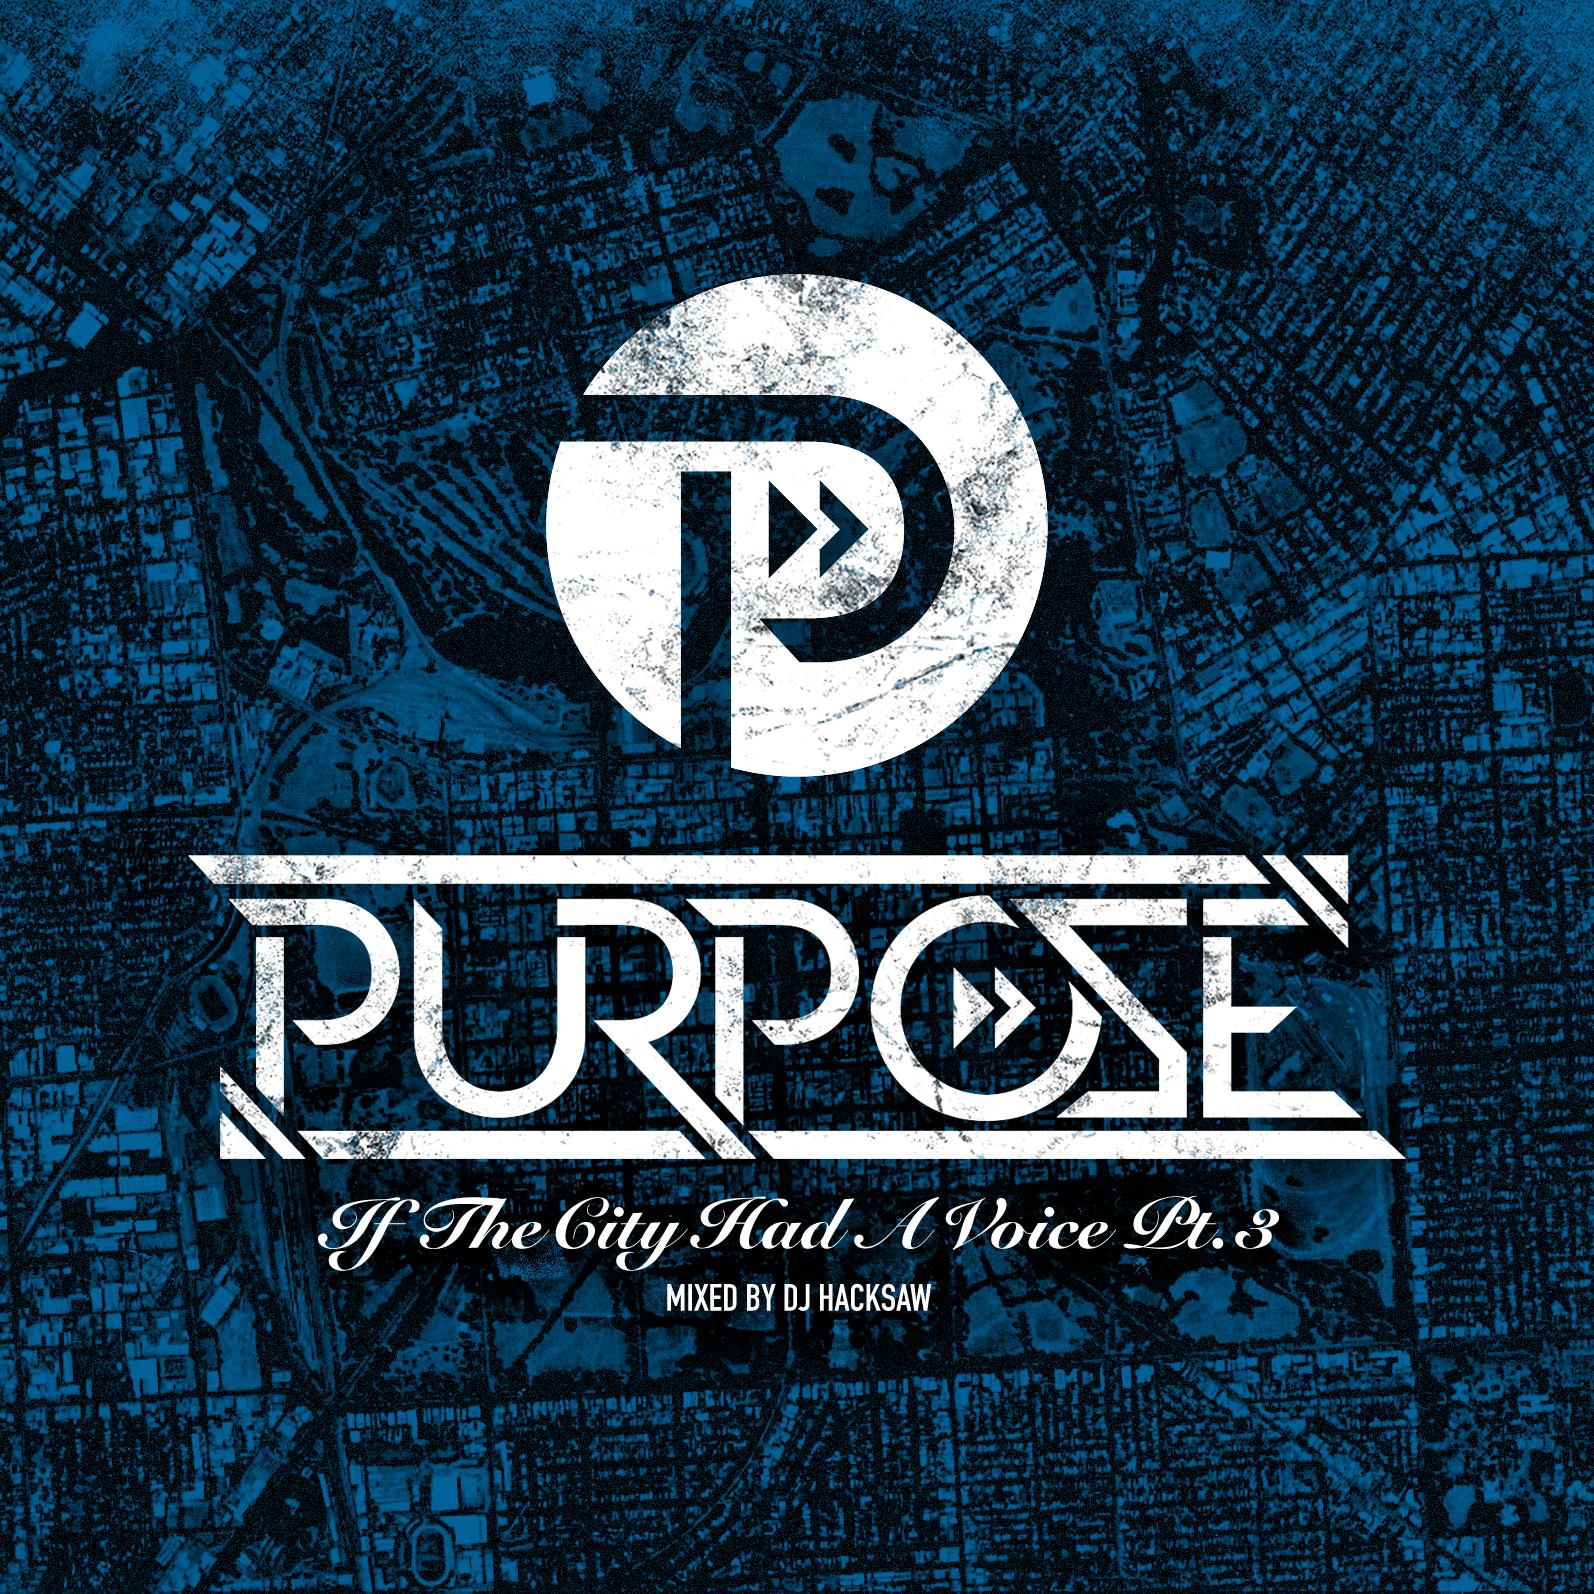 PURP004_Purpose_ITCHAV_Pt.31.jpg